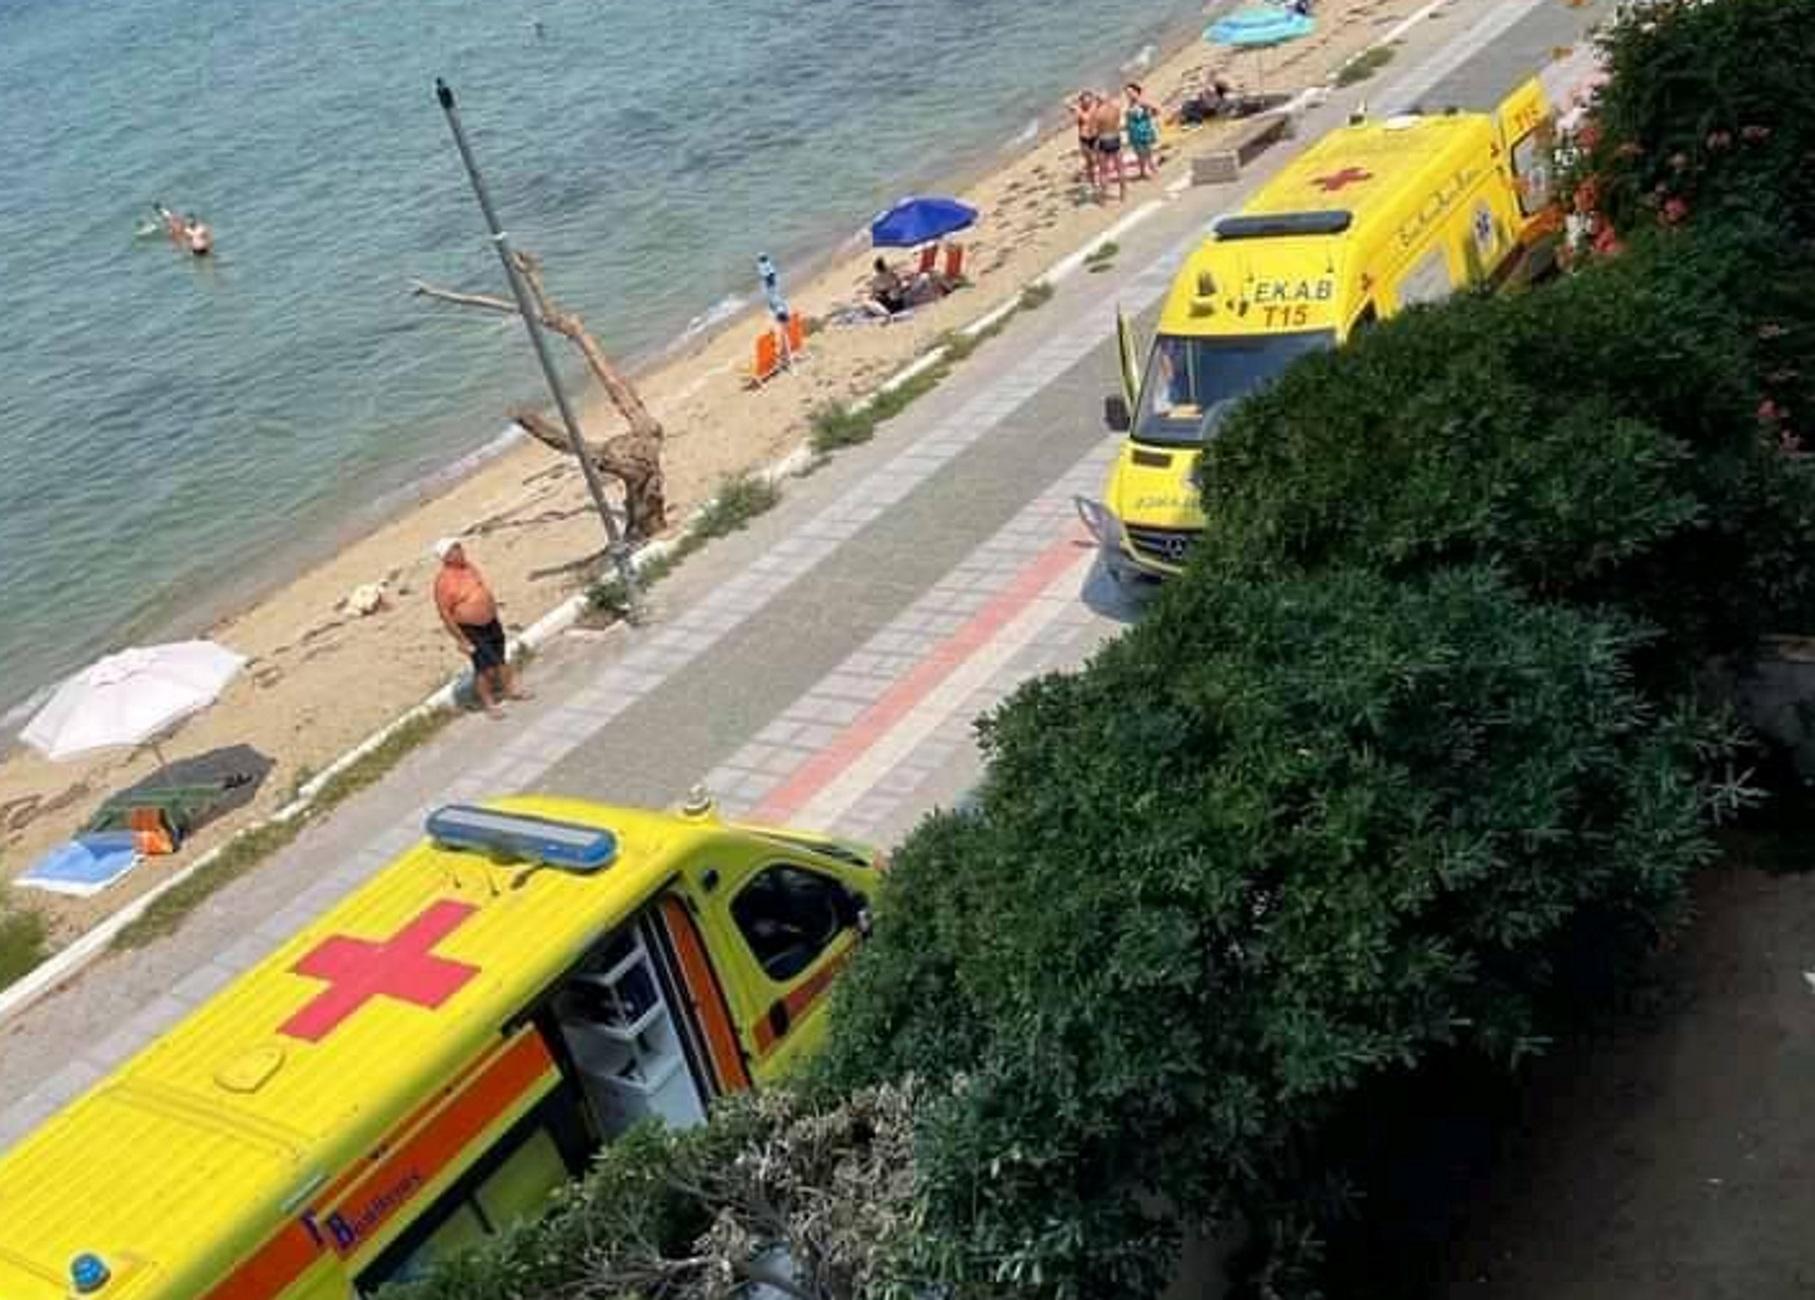 Θεσσαλονίκη: Βουτιά θανάτου από την ταράτσα οικοδομής στην παραλία της Περαίας